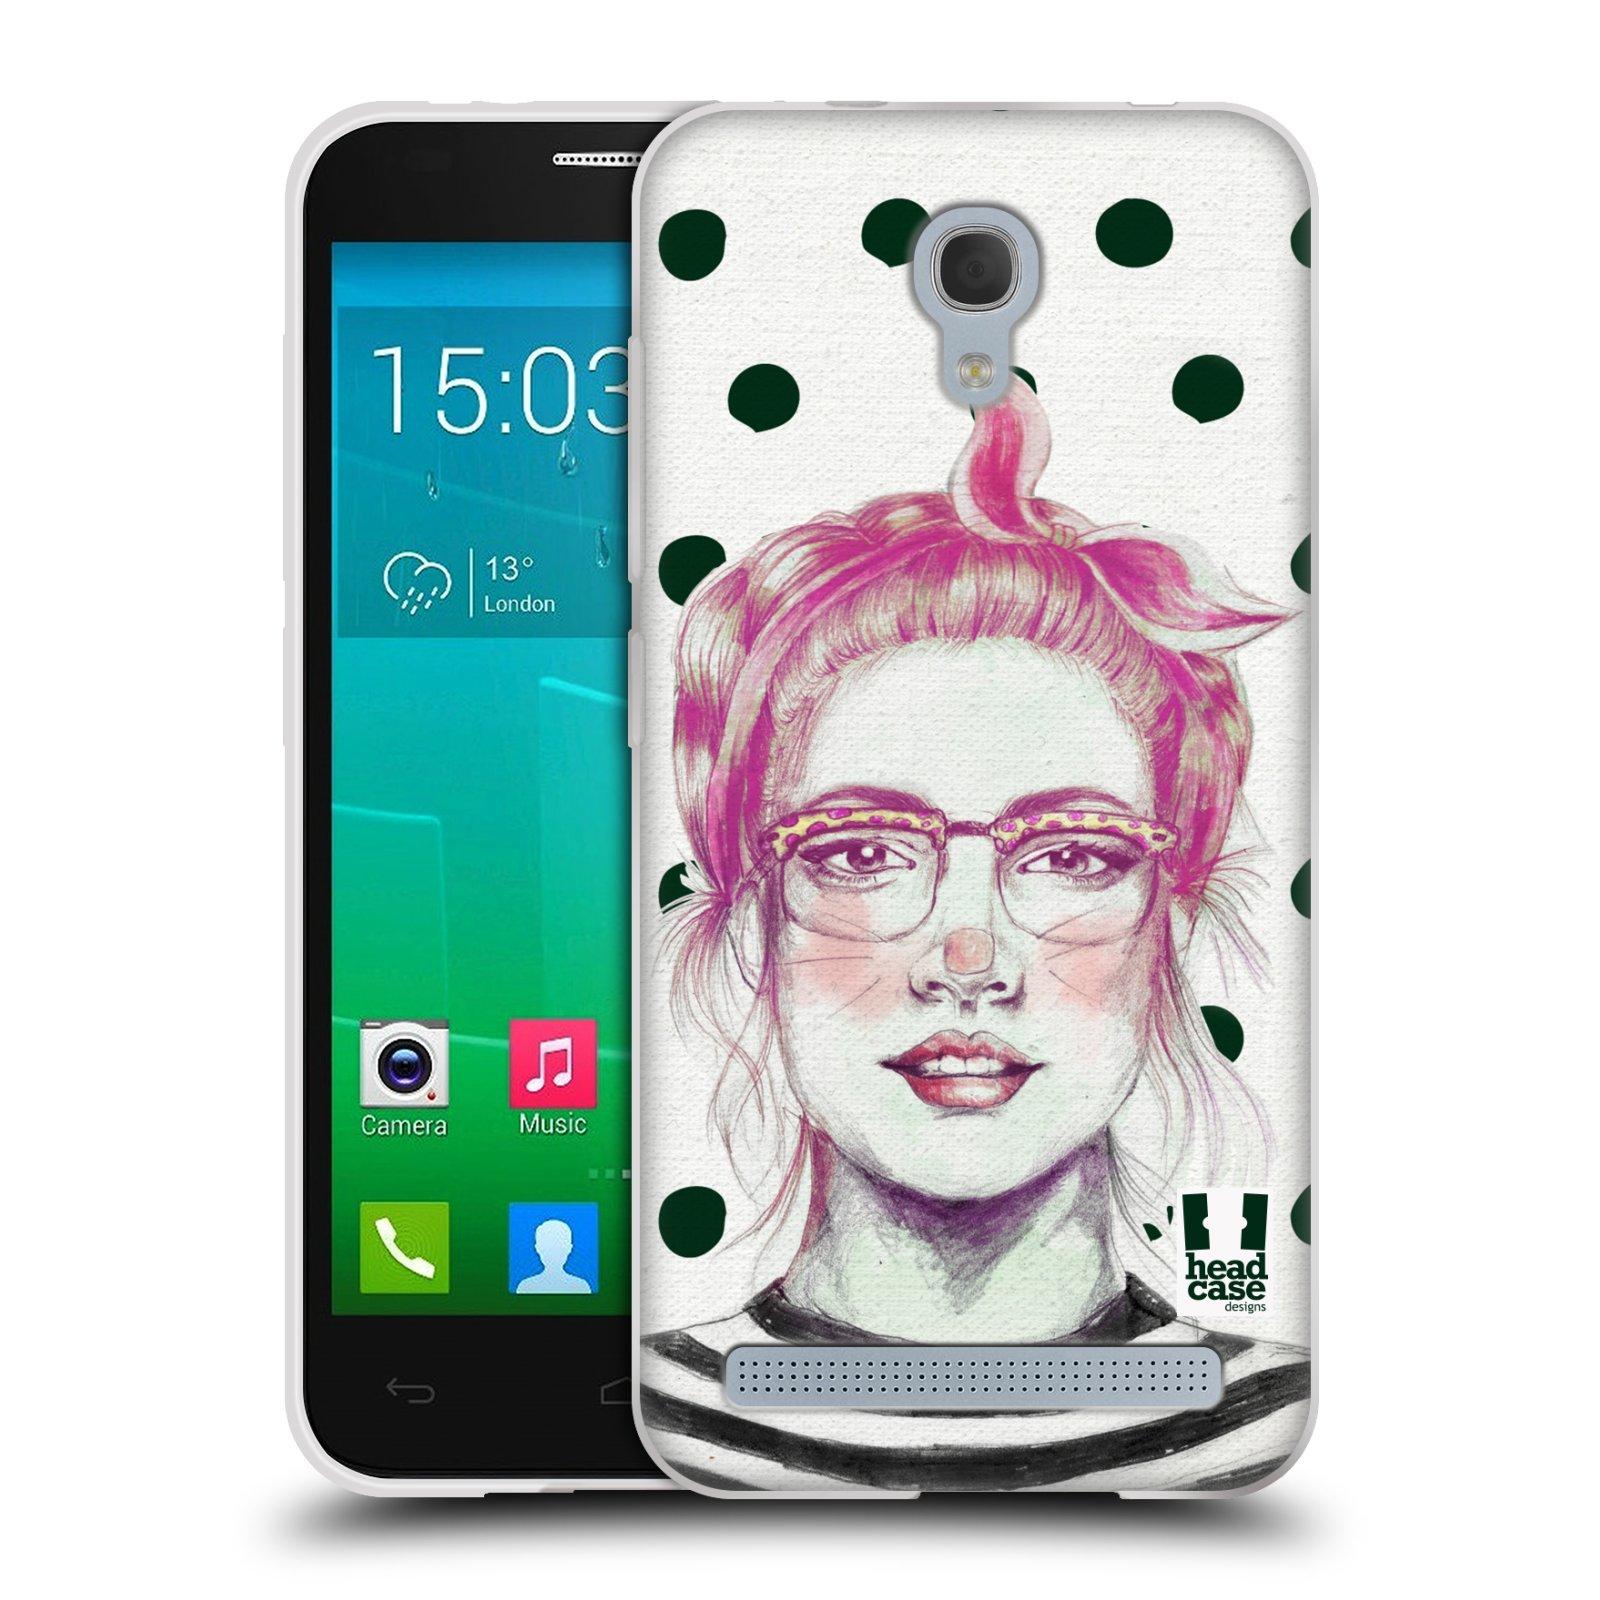 HEAD CASE silikonový obal na mobil Alcatel Idol 2 MINI S 6036Y vzor Děvče zvířecí tématika zajíček puntíky